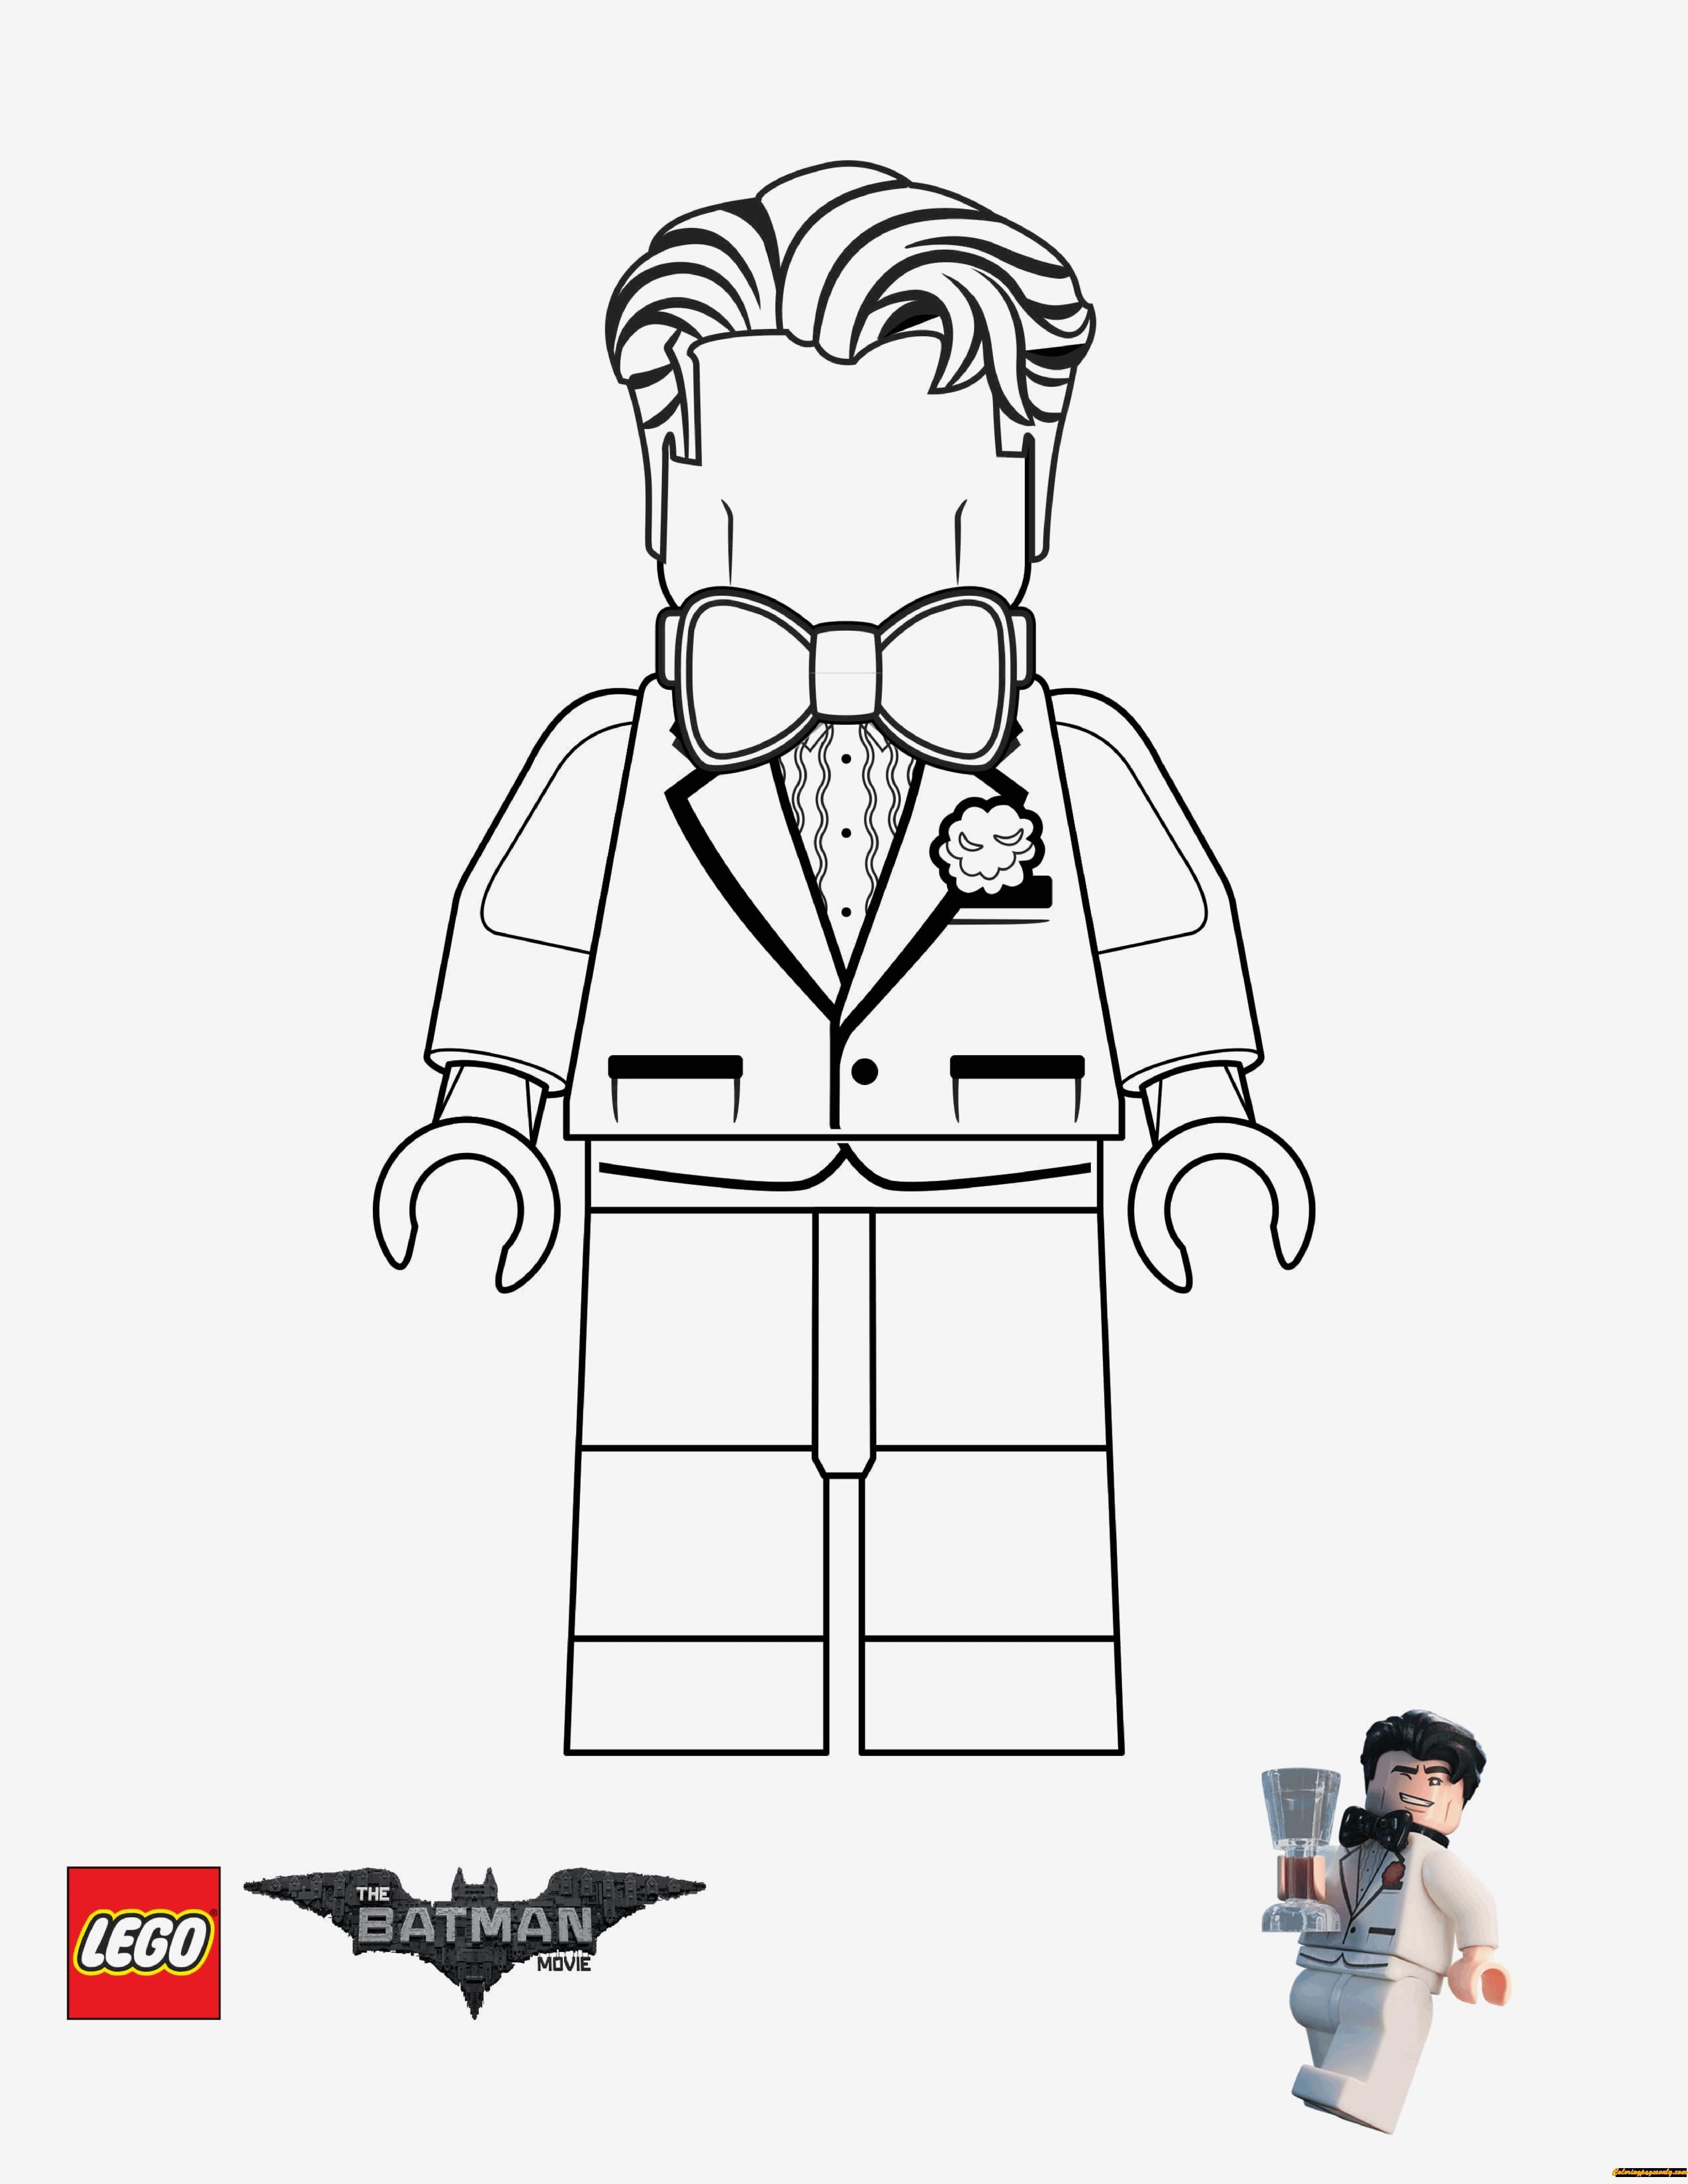 Ausmalbilder Lego Batman Neu Lego Batman Ausmalbilder Beispielbilder Färben Lego Batman Movie Sammlung